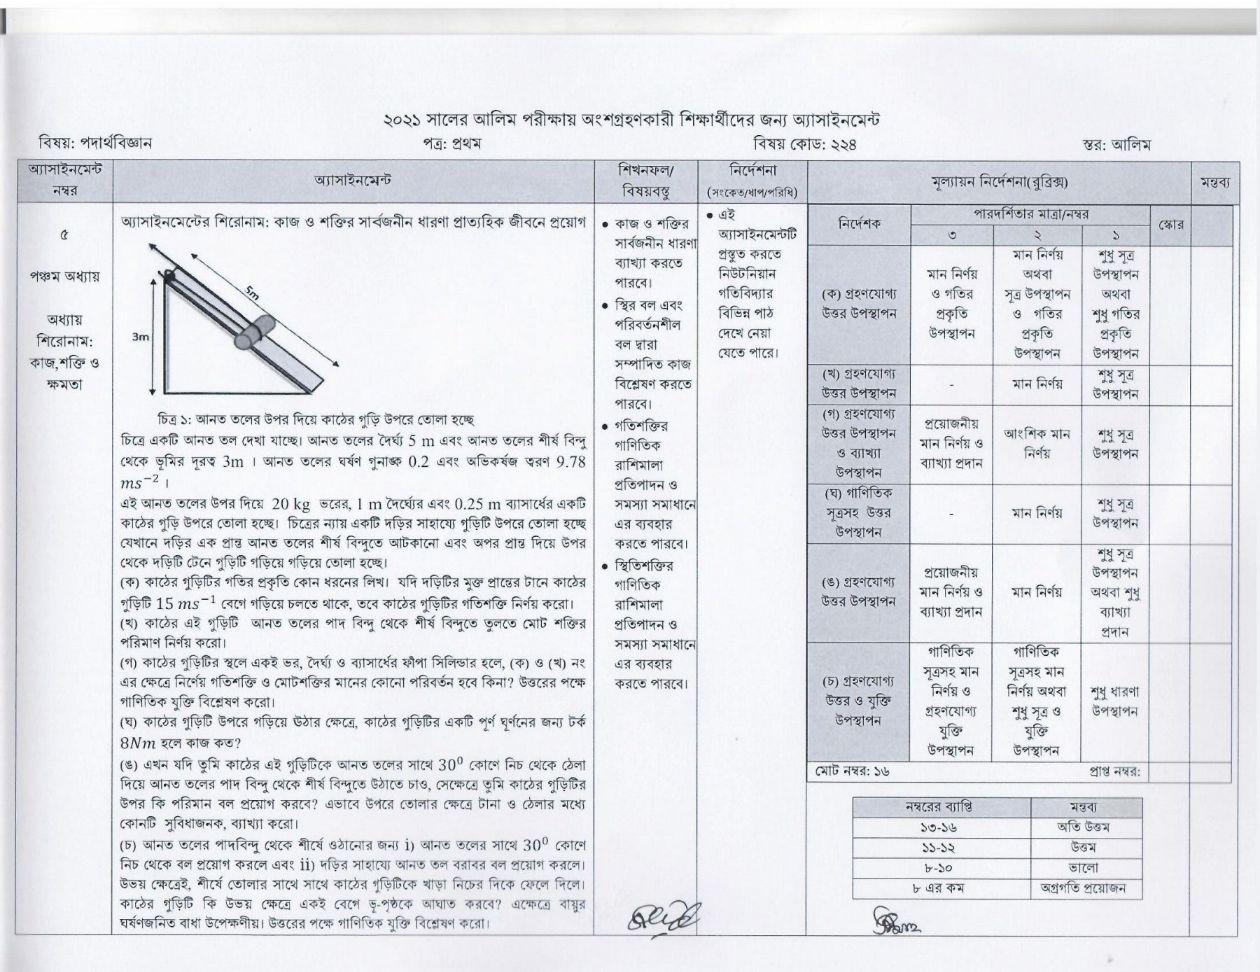 আলিম ৭ম সপ্তাহের এসাইনমেন্ট সমাধান/উত্তর ২০২১ PDF Download 11